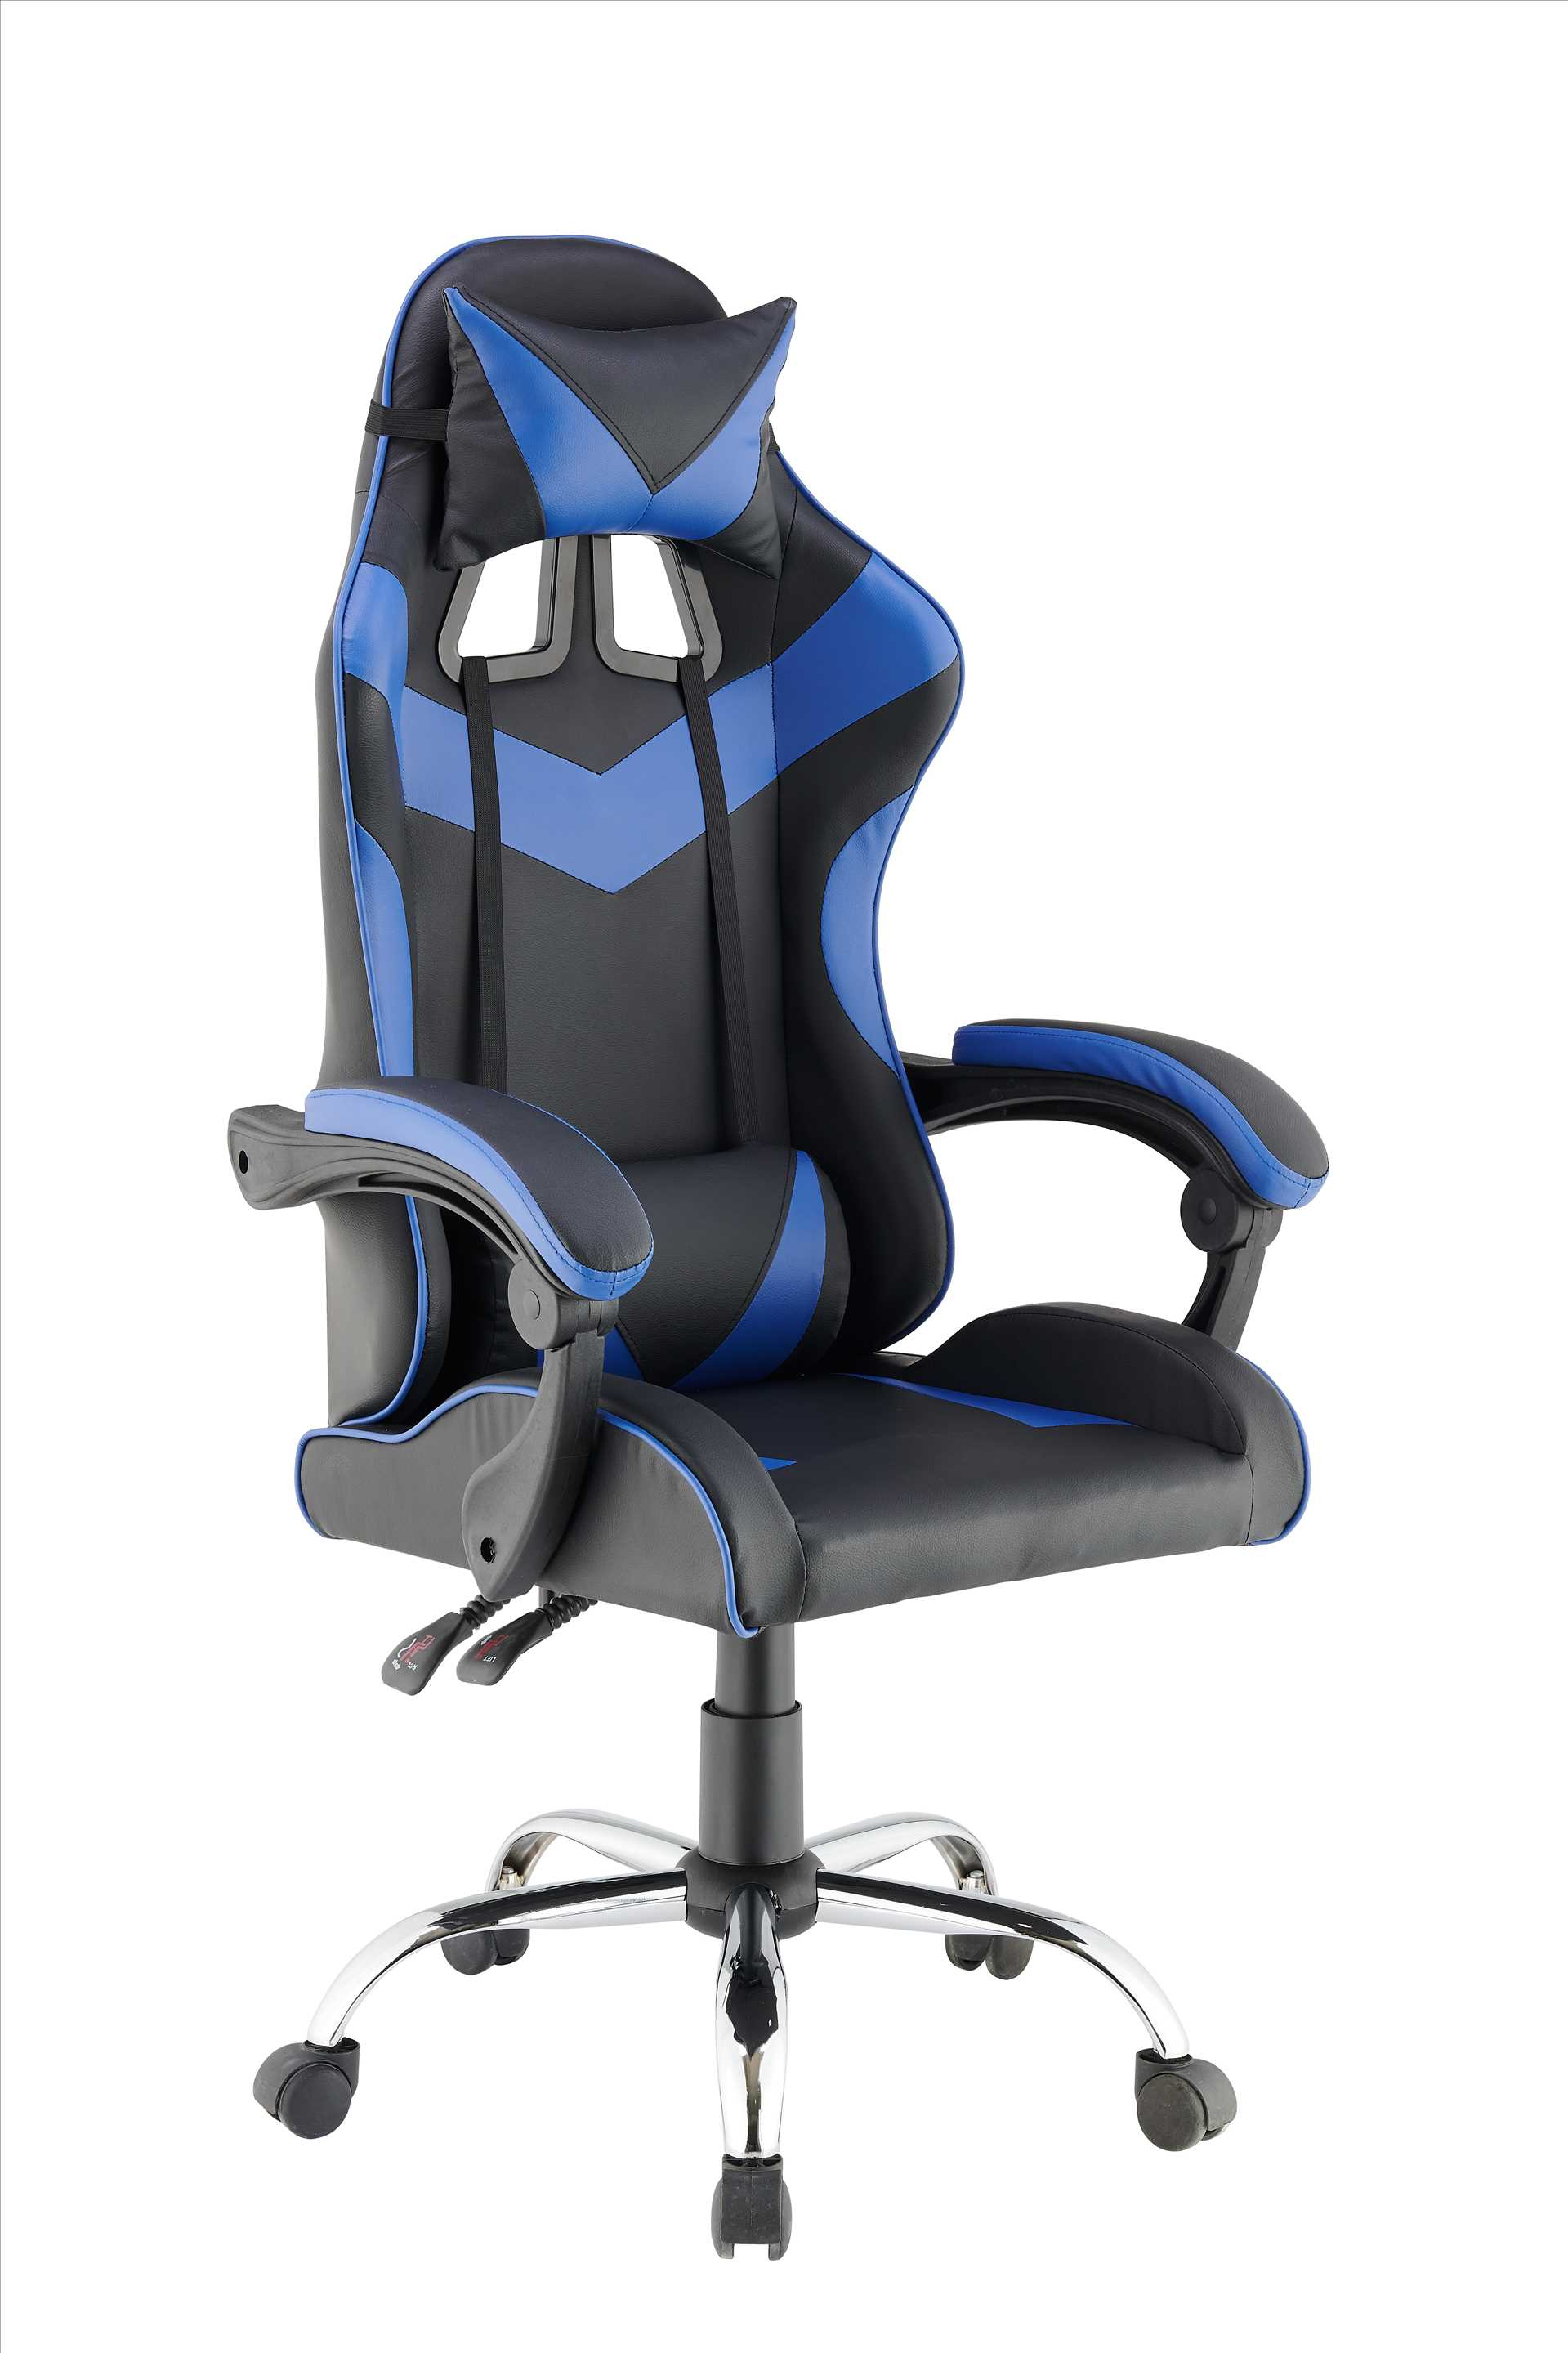 כסא גיימרים אורתופדי דגם PRO3 מבית NINJA EXTRIM שחור כחול - תמונה 1